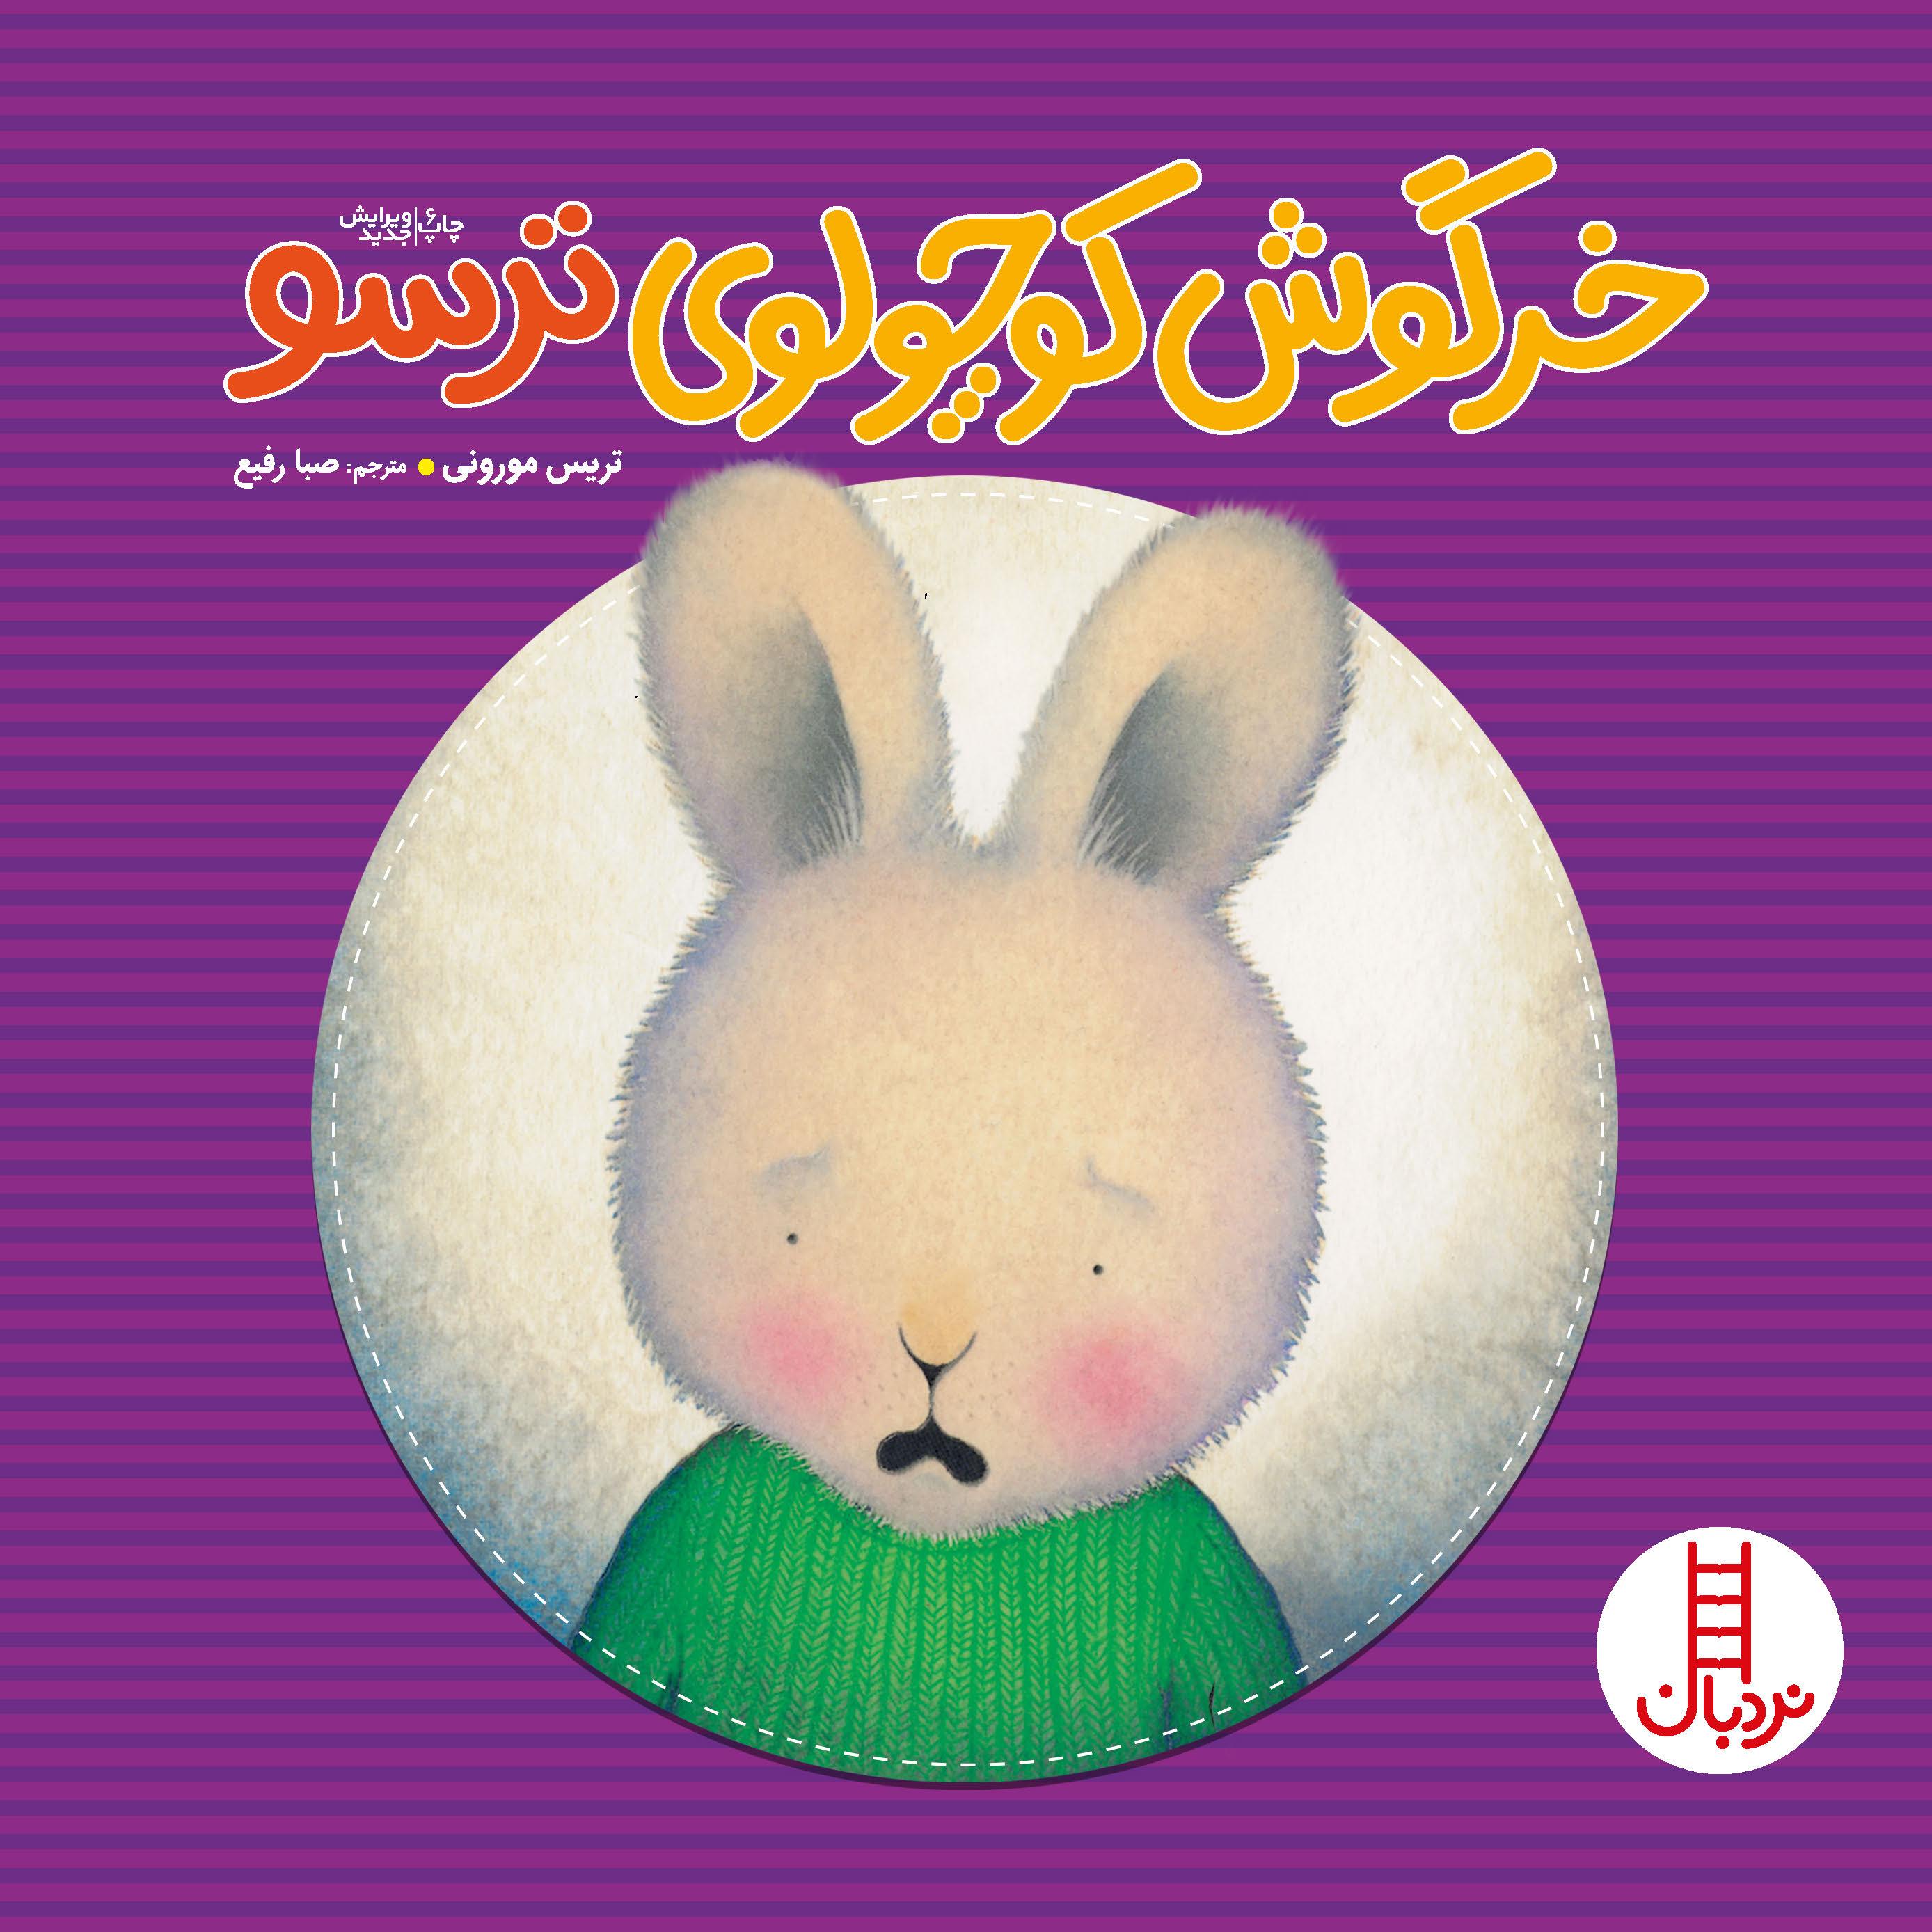 خرگوش كوچولوی ترسو